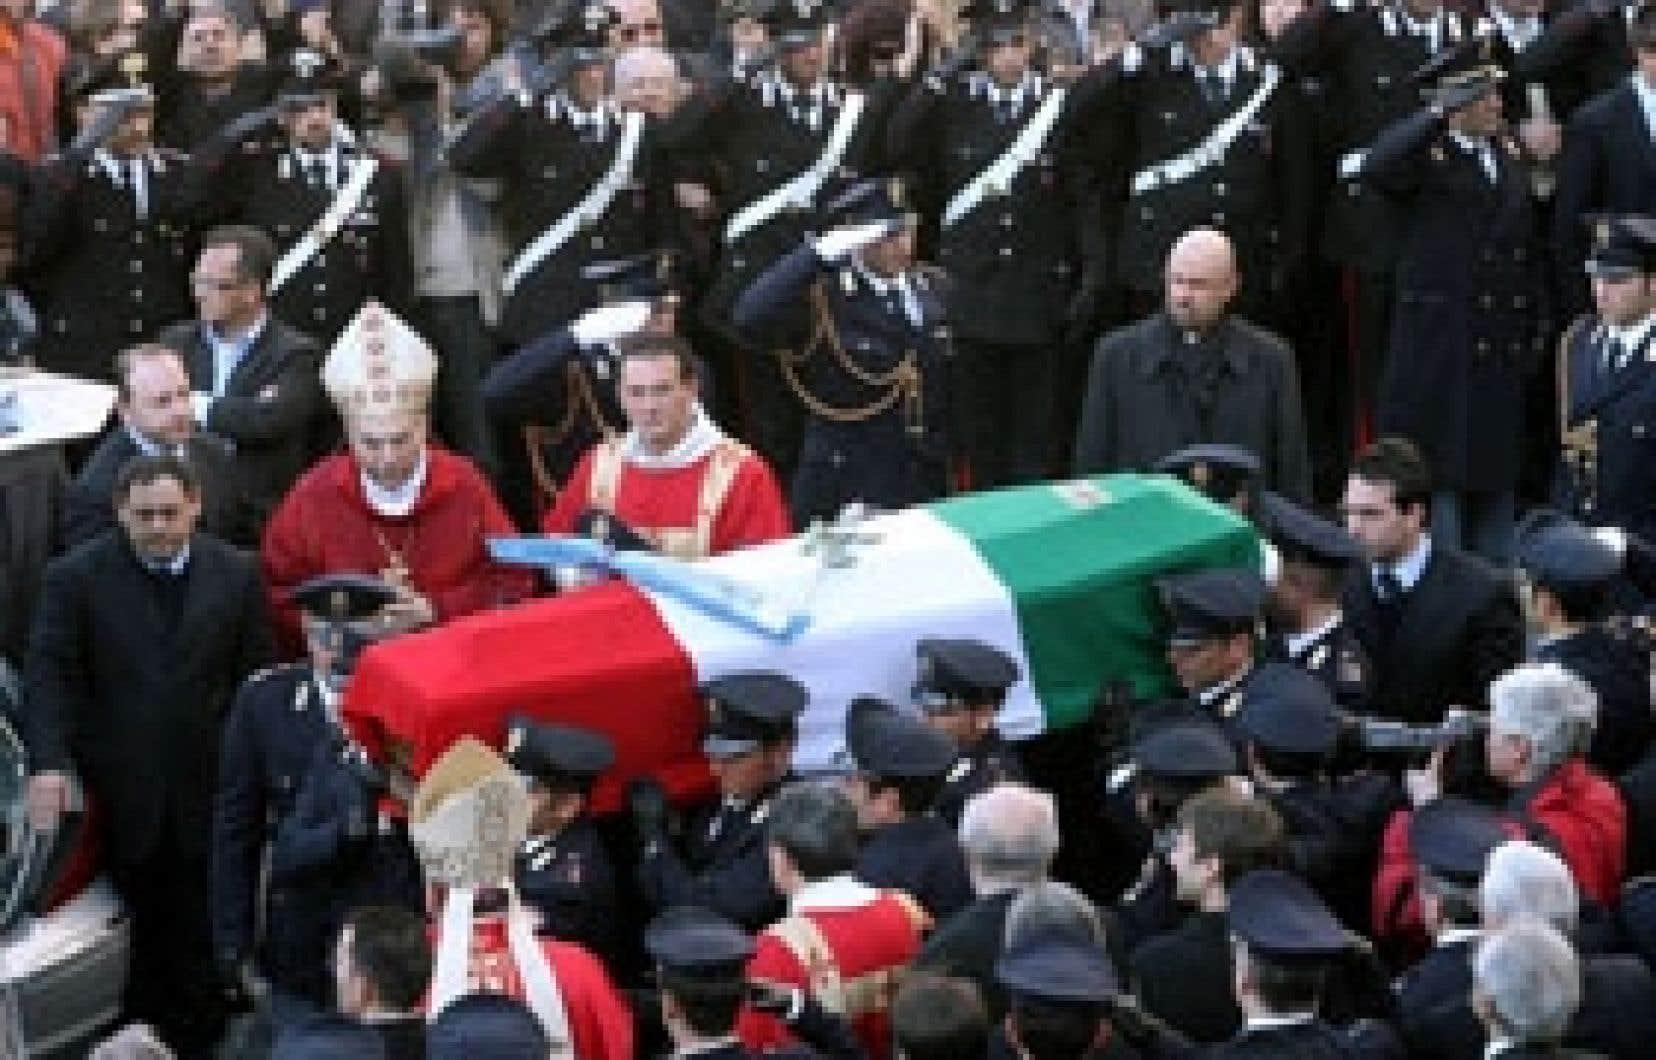 Des milliers de personnes se sont rassemblées à la cathédrale de Catane hier, pour assister aux funérailles du policier italien tué vendredi.